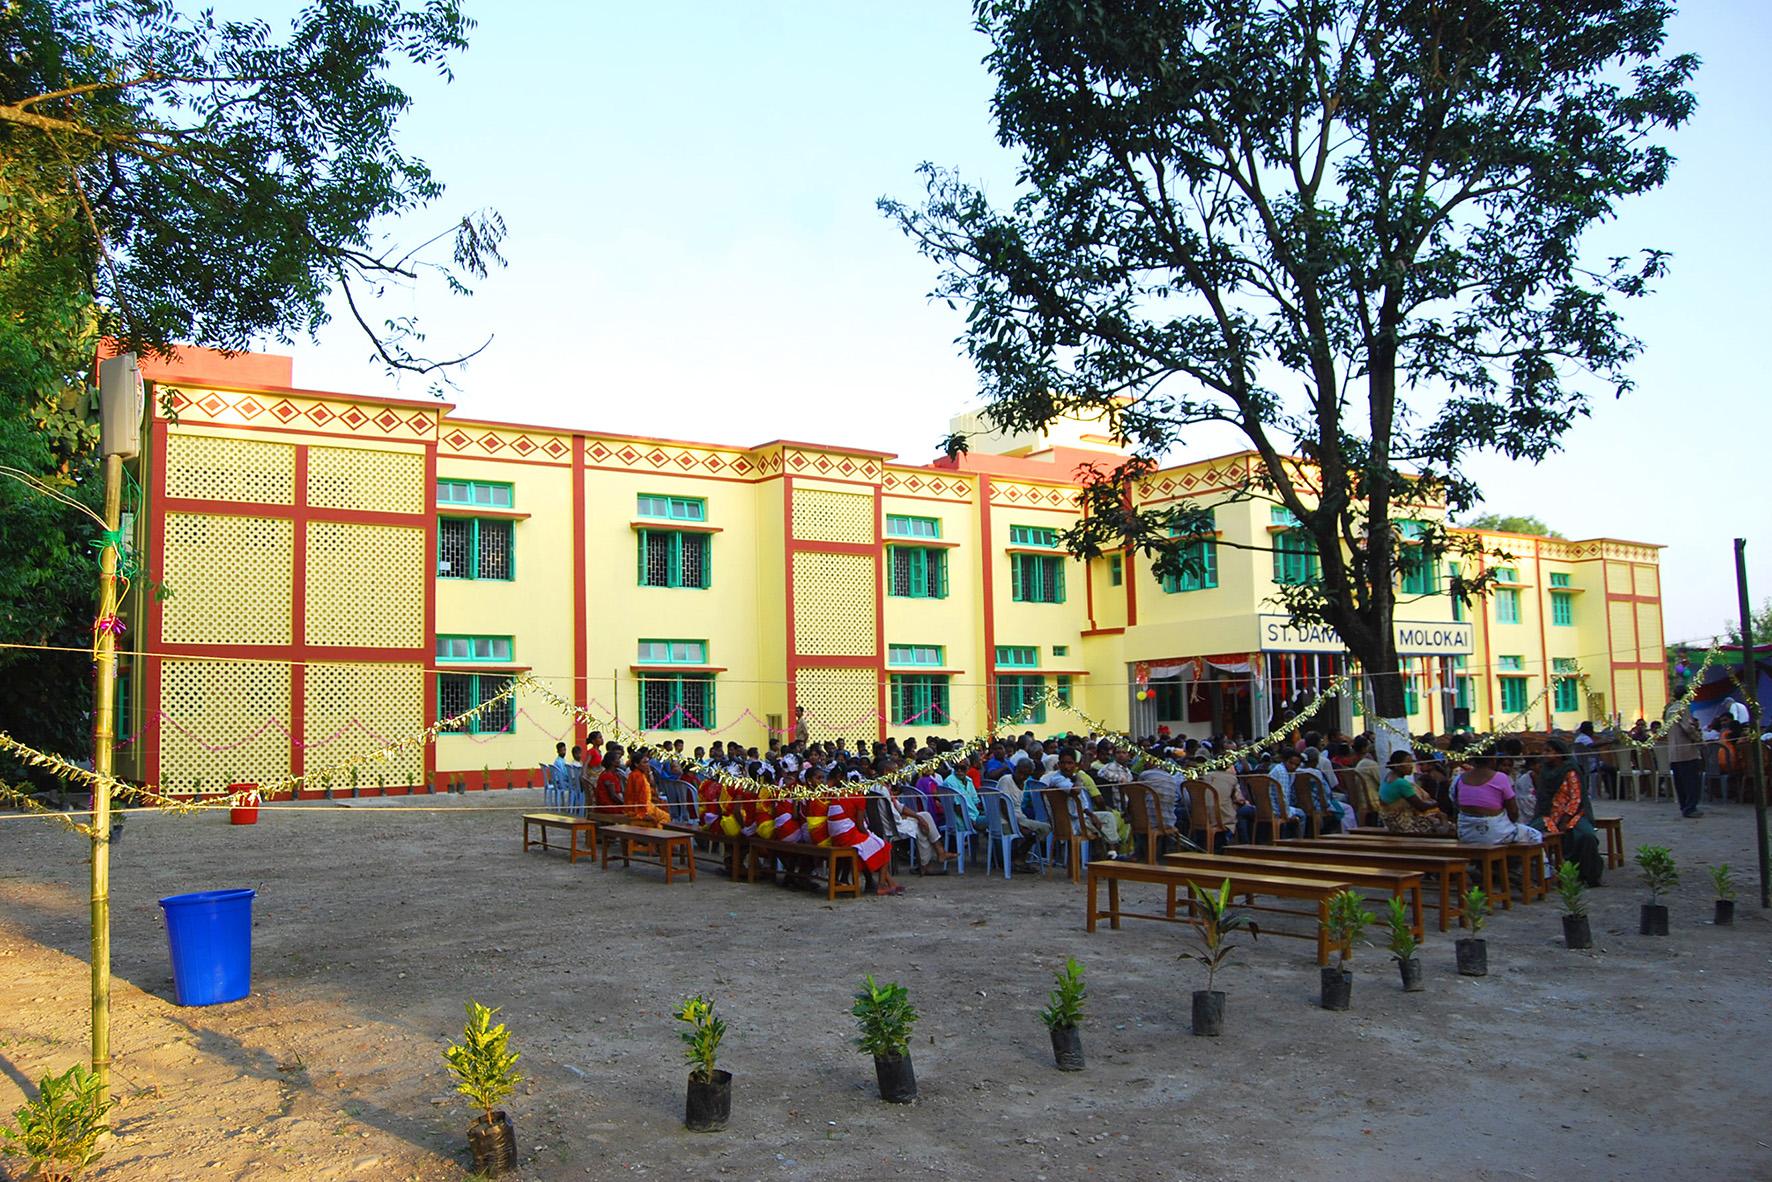 L'Ospedale-lebbrosario 'St. Damien of Molokai' di Matigara (West Bengala), costruito grazie alle donazioni raccolte dal Comitato SOS-India, foto � aut./SOSIndia